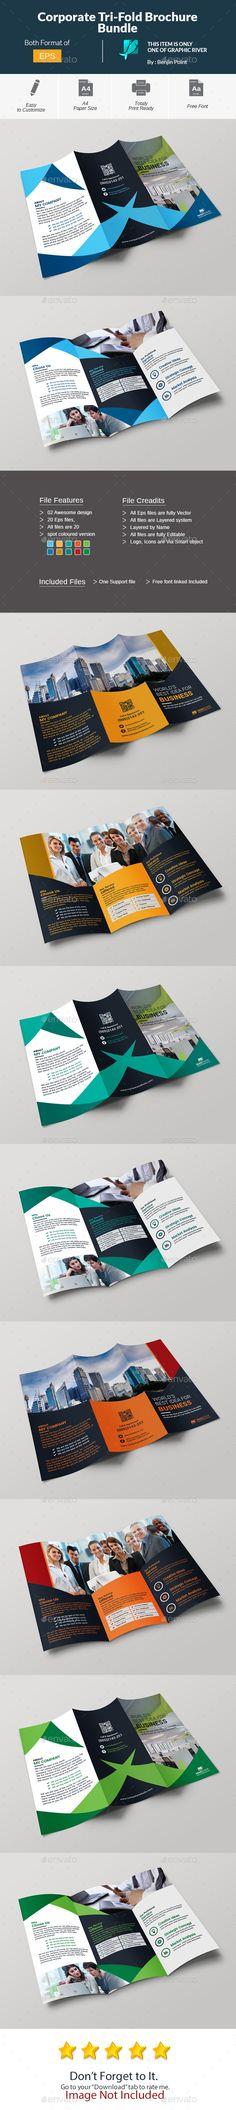 Corporate Tri-Fold Brochure Bundle - Template Vector EPS, AI Illustrator